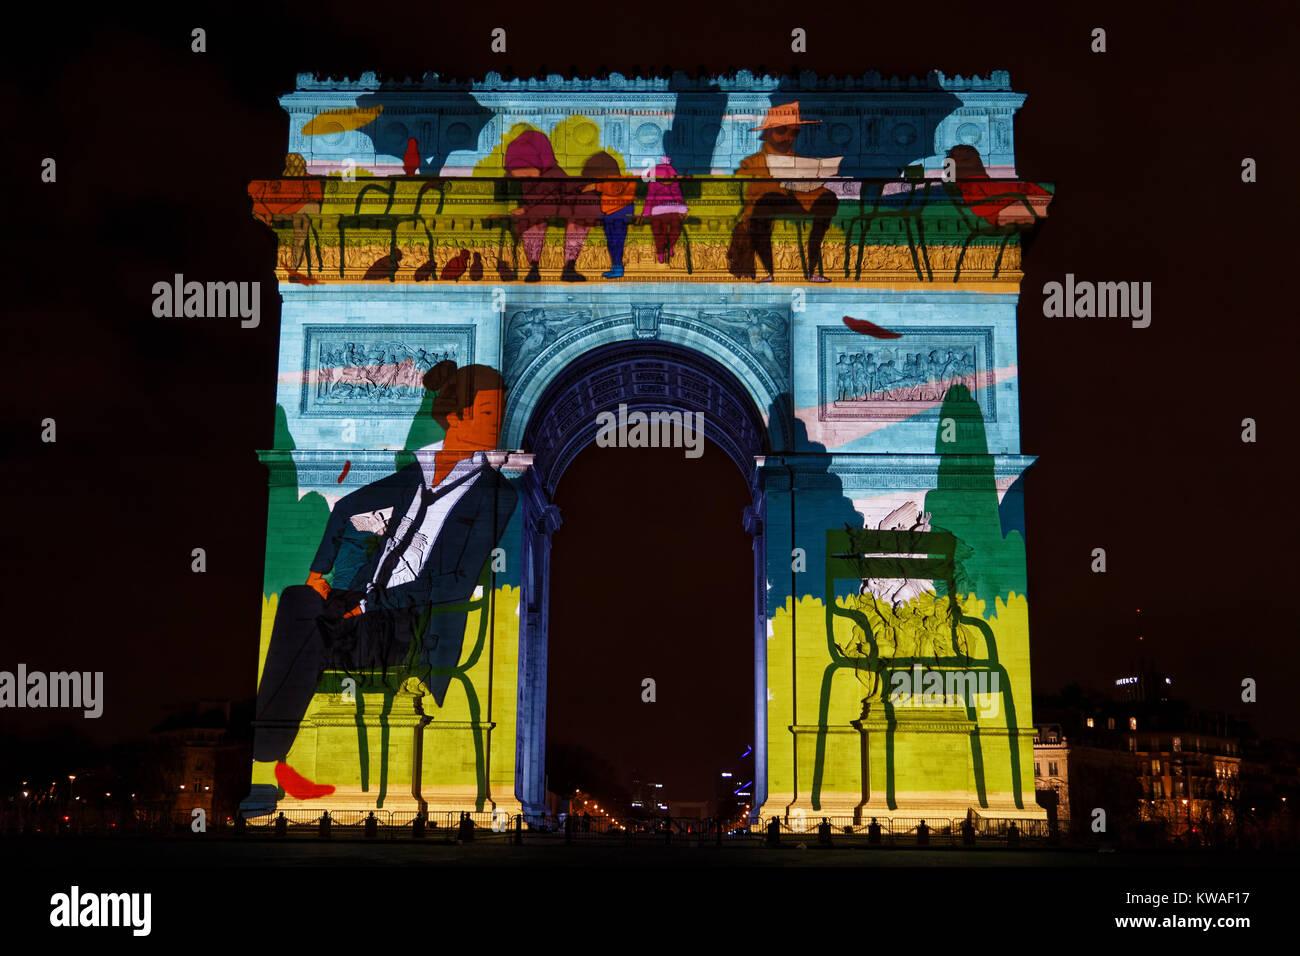 París, Francia. 31 dic, 2017. El espectáculo de vídeo proyectado sobre el arco de triunfo para el año nuevo el 31 Foto de stock